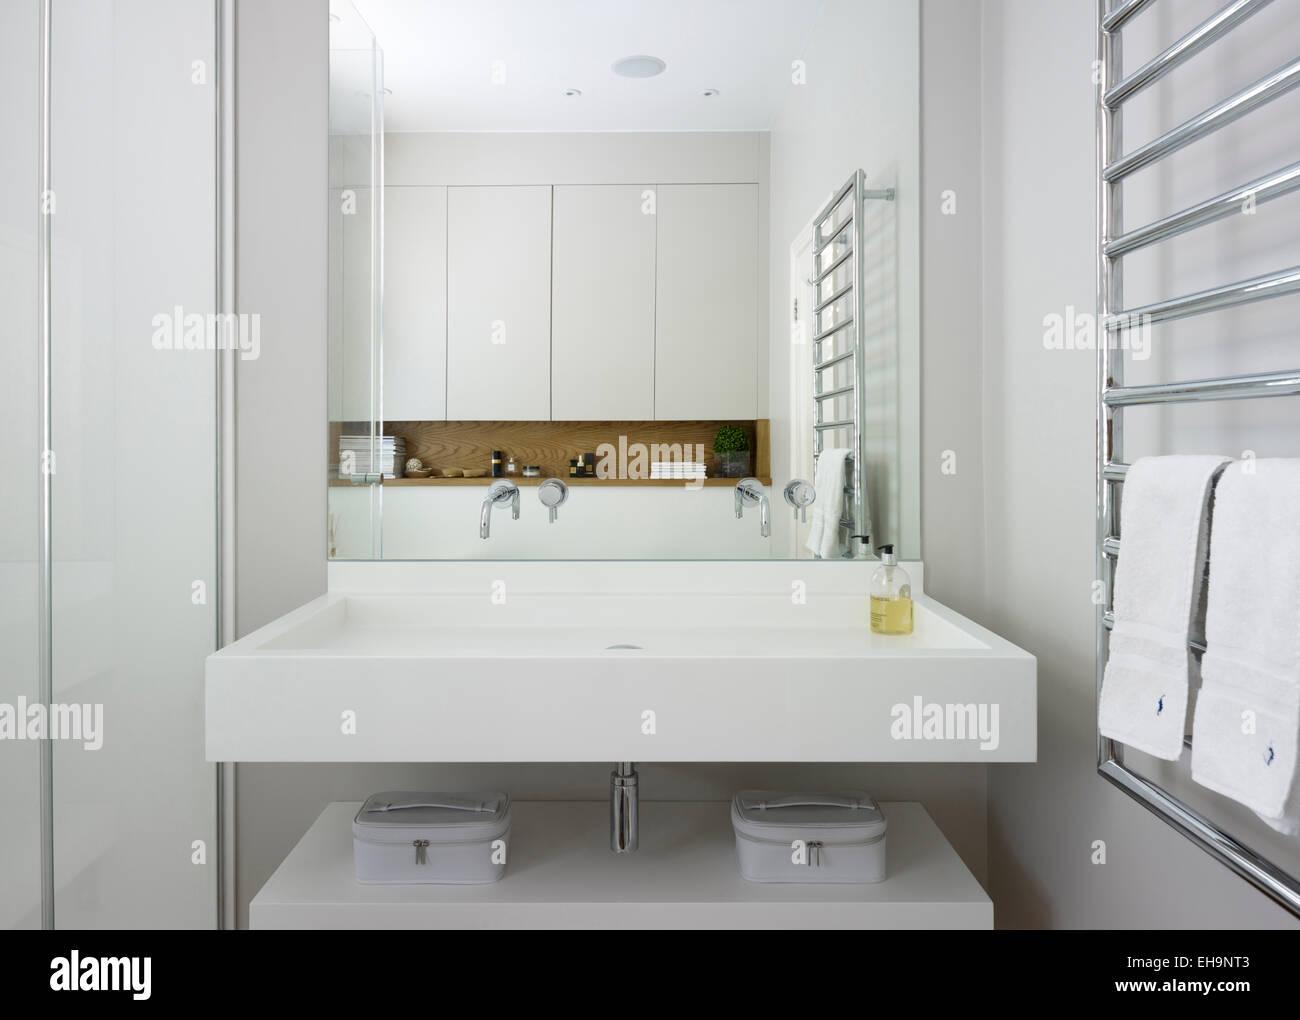 Home Sense Uk Stock Photos & Home Sense Uk Stock Images - Alamy